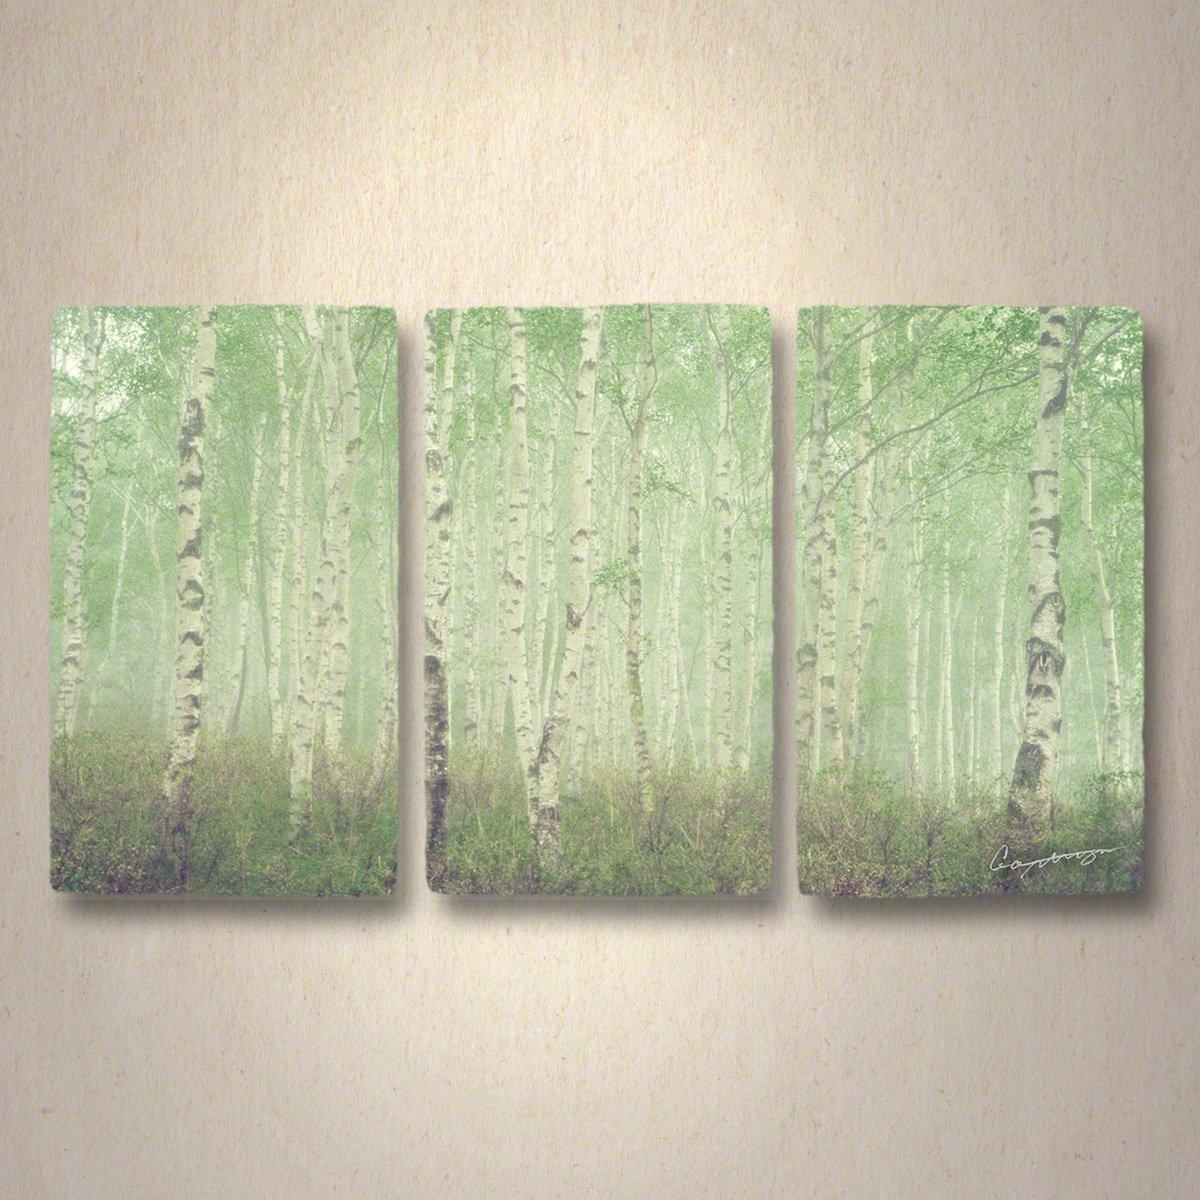 和紙 アートパネル 3枚 続き 「霧の中の新緑の白樺林」 (80x45cm) 絵 絵画 壁掛け 壁飾り インテリア アート B07347ZMR4 33.アートパネル3枚続き(長辺80cm) 48000円 霧の中の新緑の白樺林 霧の中の新緑の白樺林 33.アートパネル3枚続き(長辺80cm) 48000円